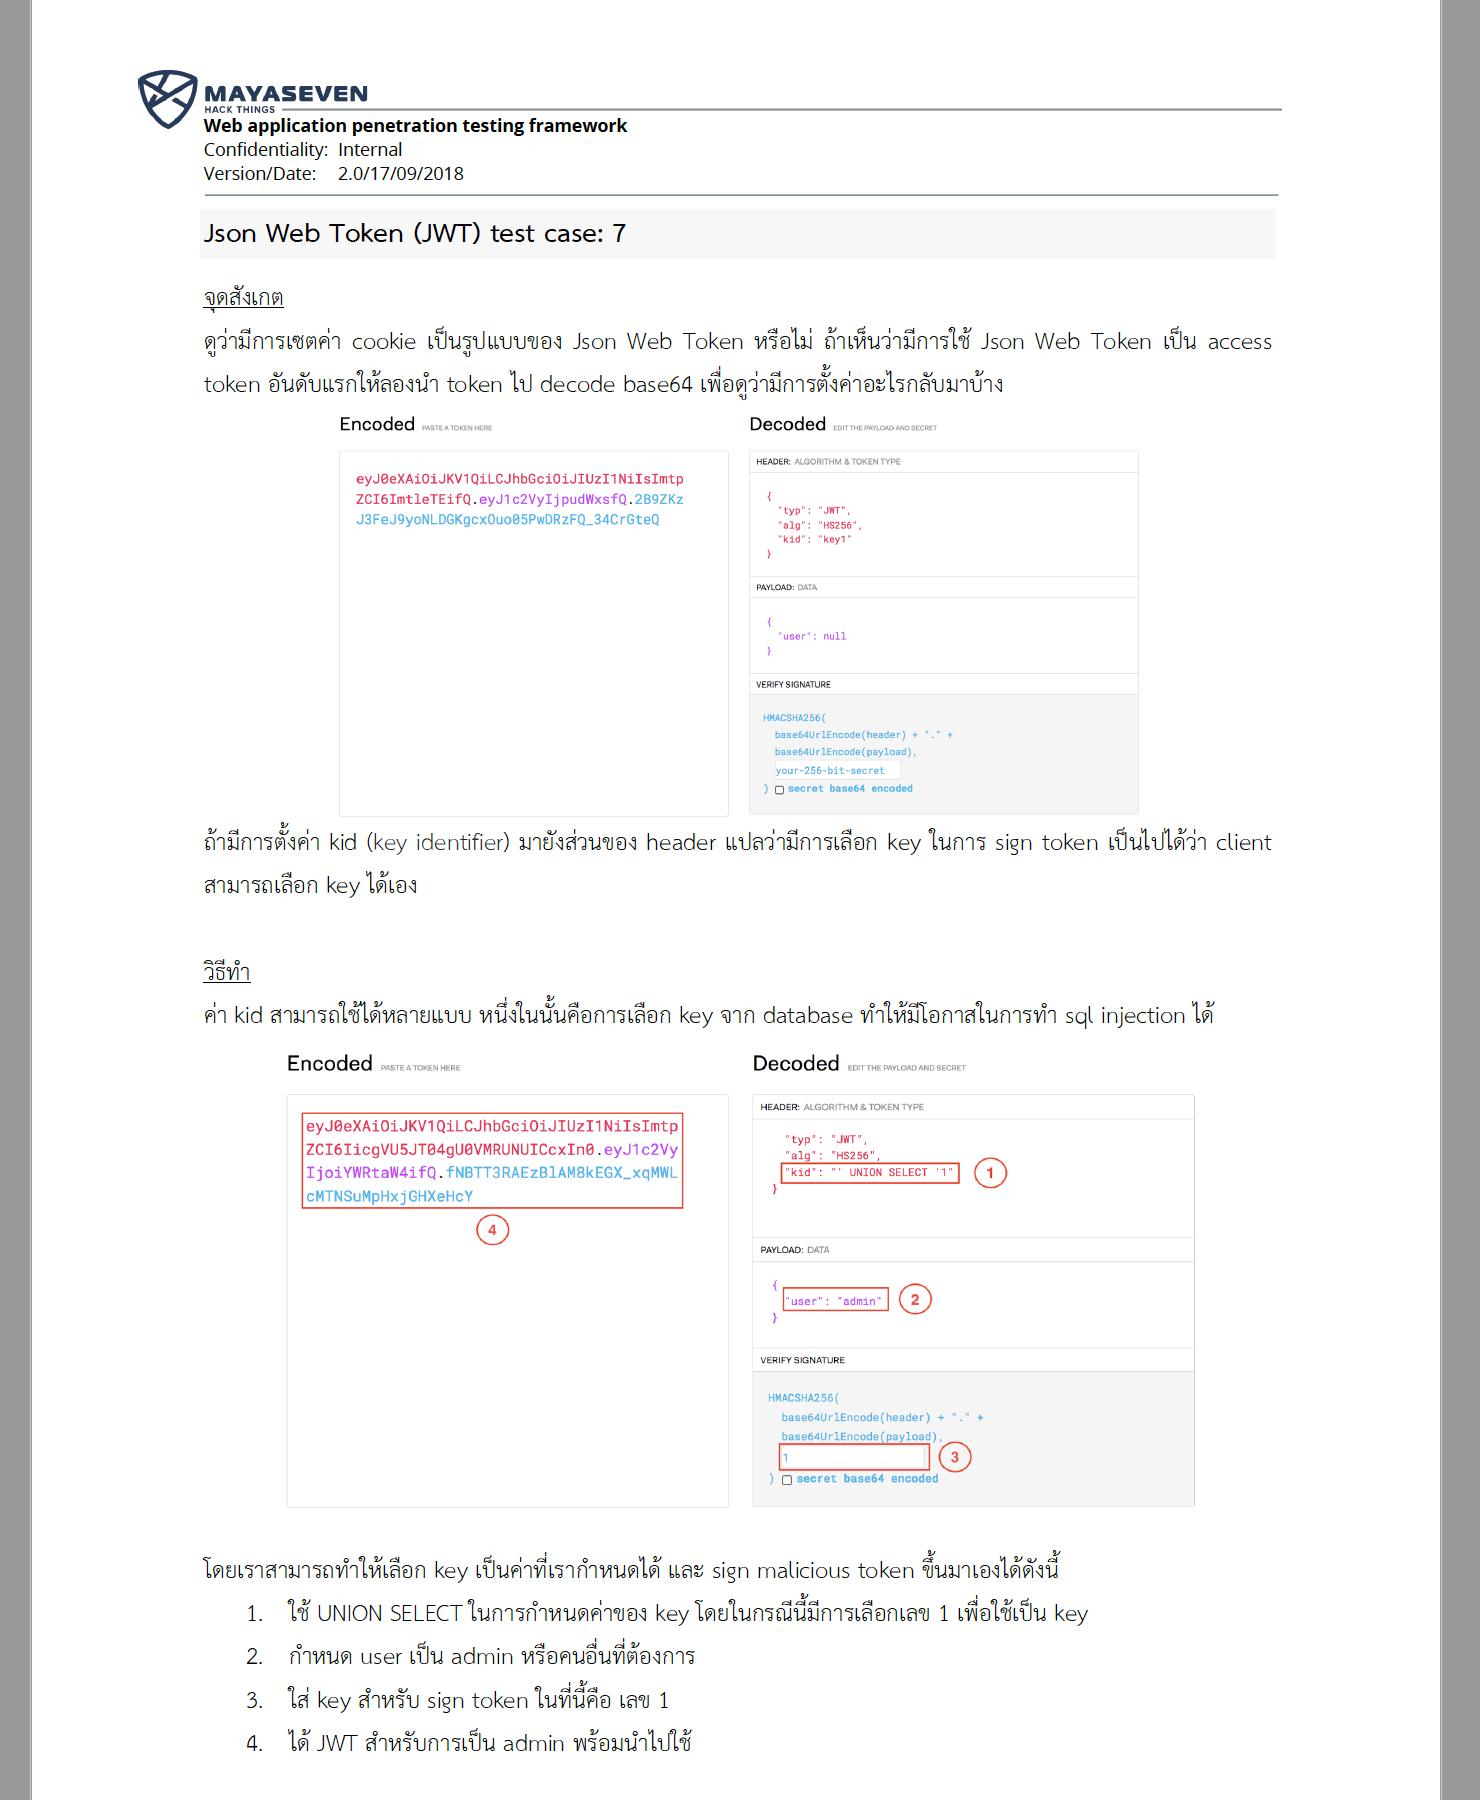 ตัวอย่าง test case ของ MAYASEVEN's penetration testing framework ในการหาช่องโหว่ของเว็บที่ใช้ JWT อย่างไม่ปลอดภัย